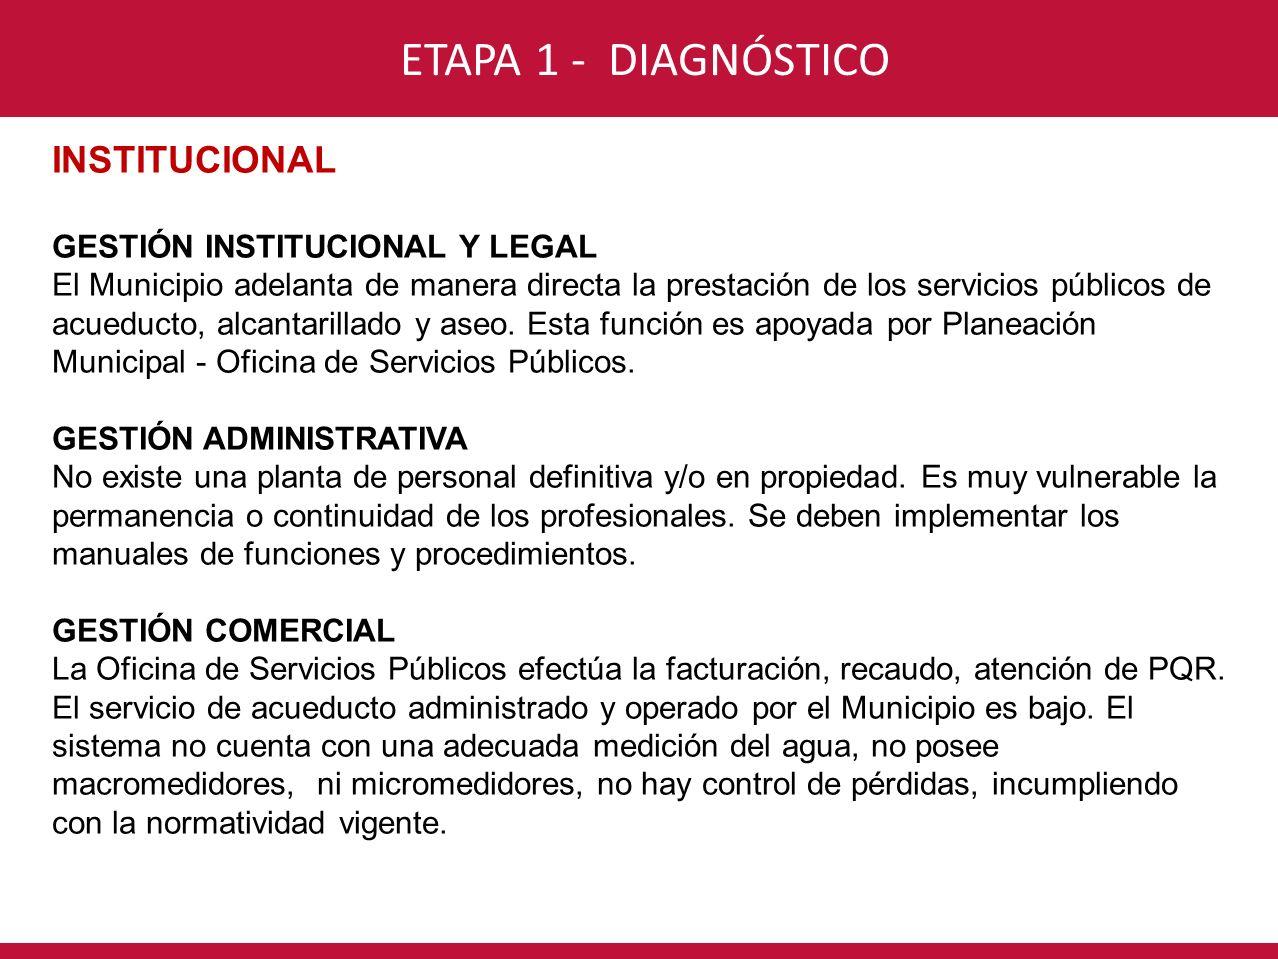 CONSORCIO INTERVENTORÍA POR UN NUEVO VALLEDISEÑOS ALTERNATIVA SELECCIONADA CRONOGRAMA DE EJECUCIÓN DE OBRAS v